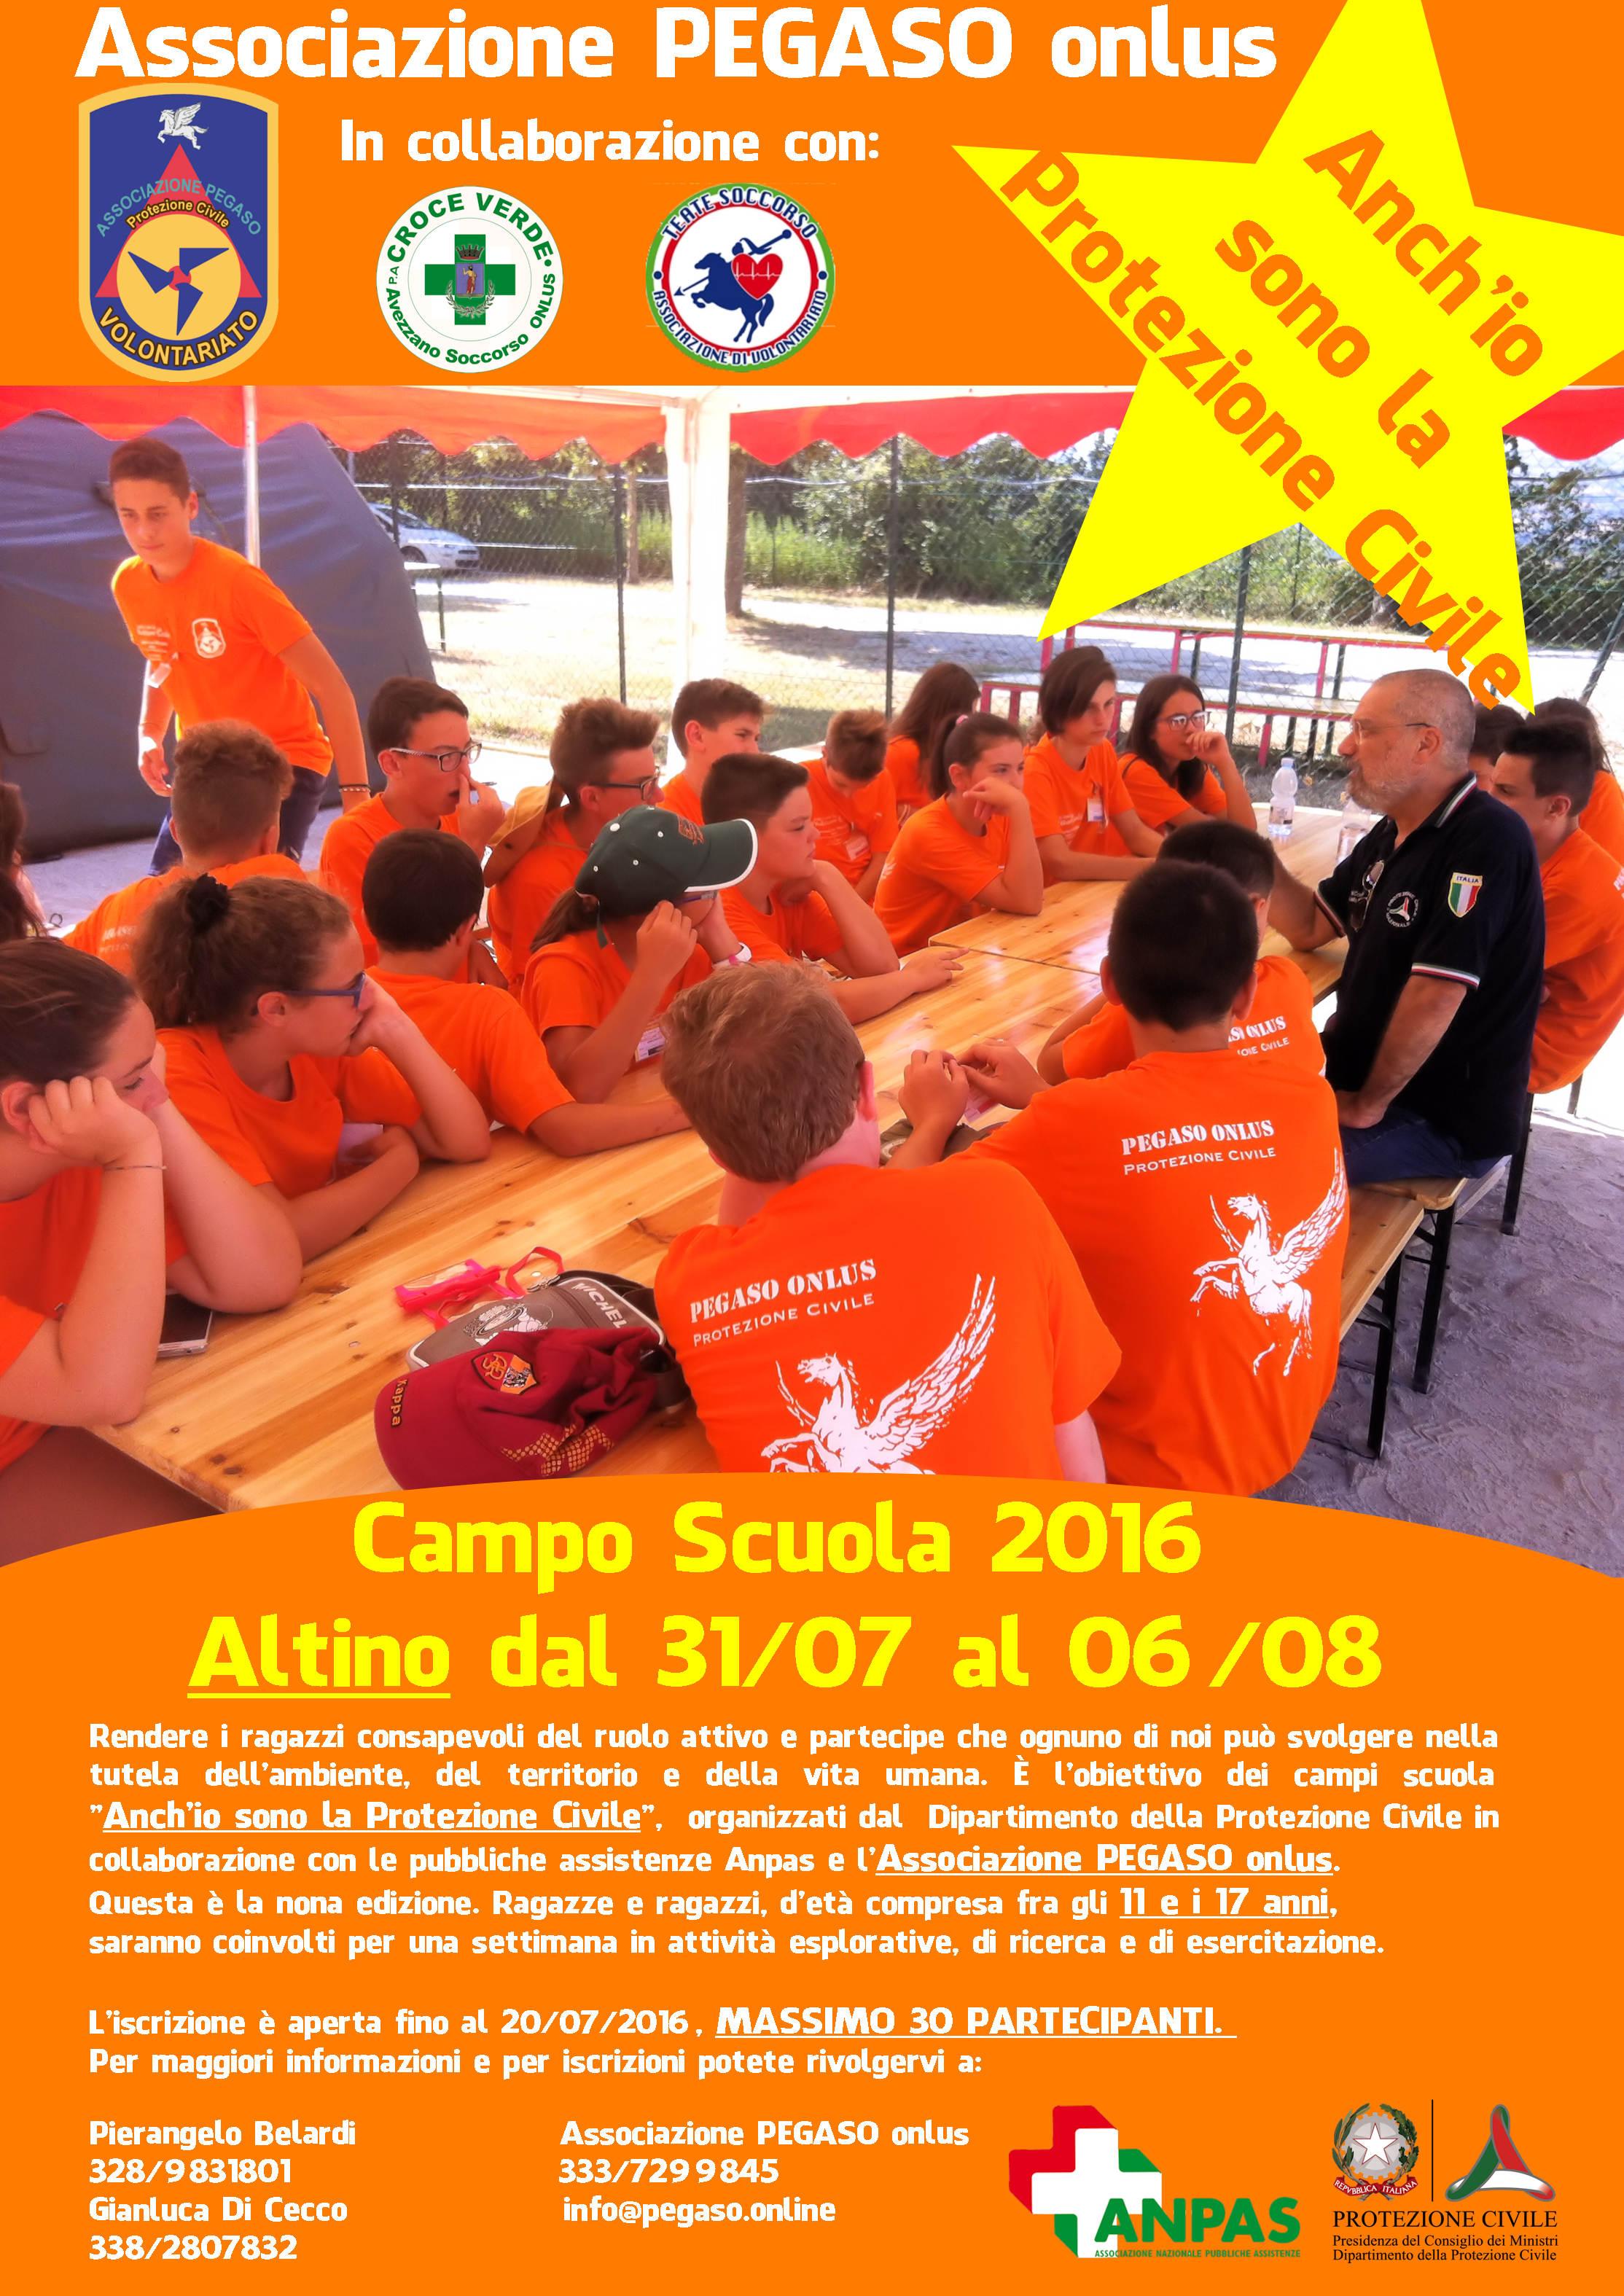 Campo Scuola 2016 Altino